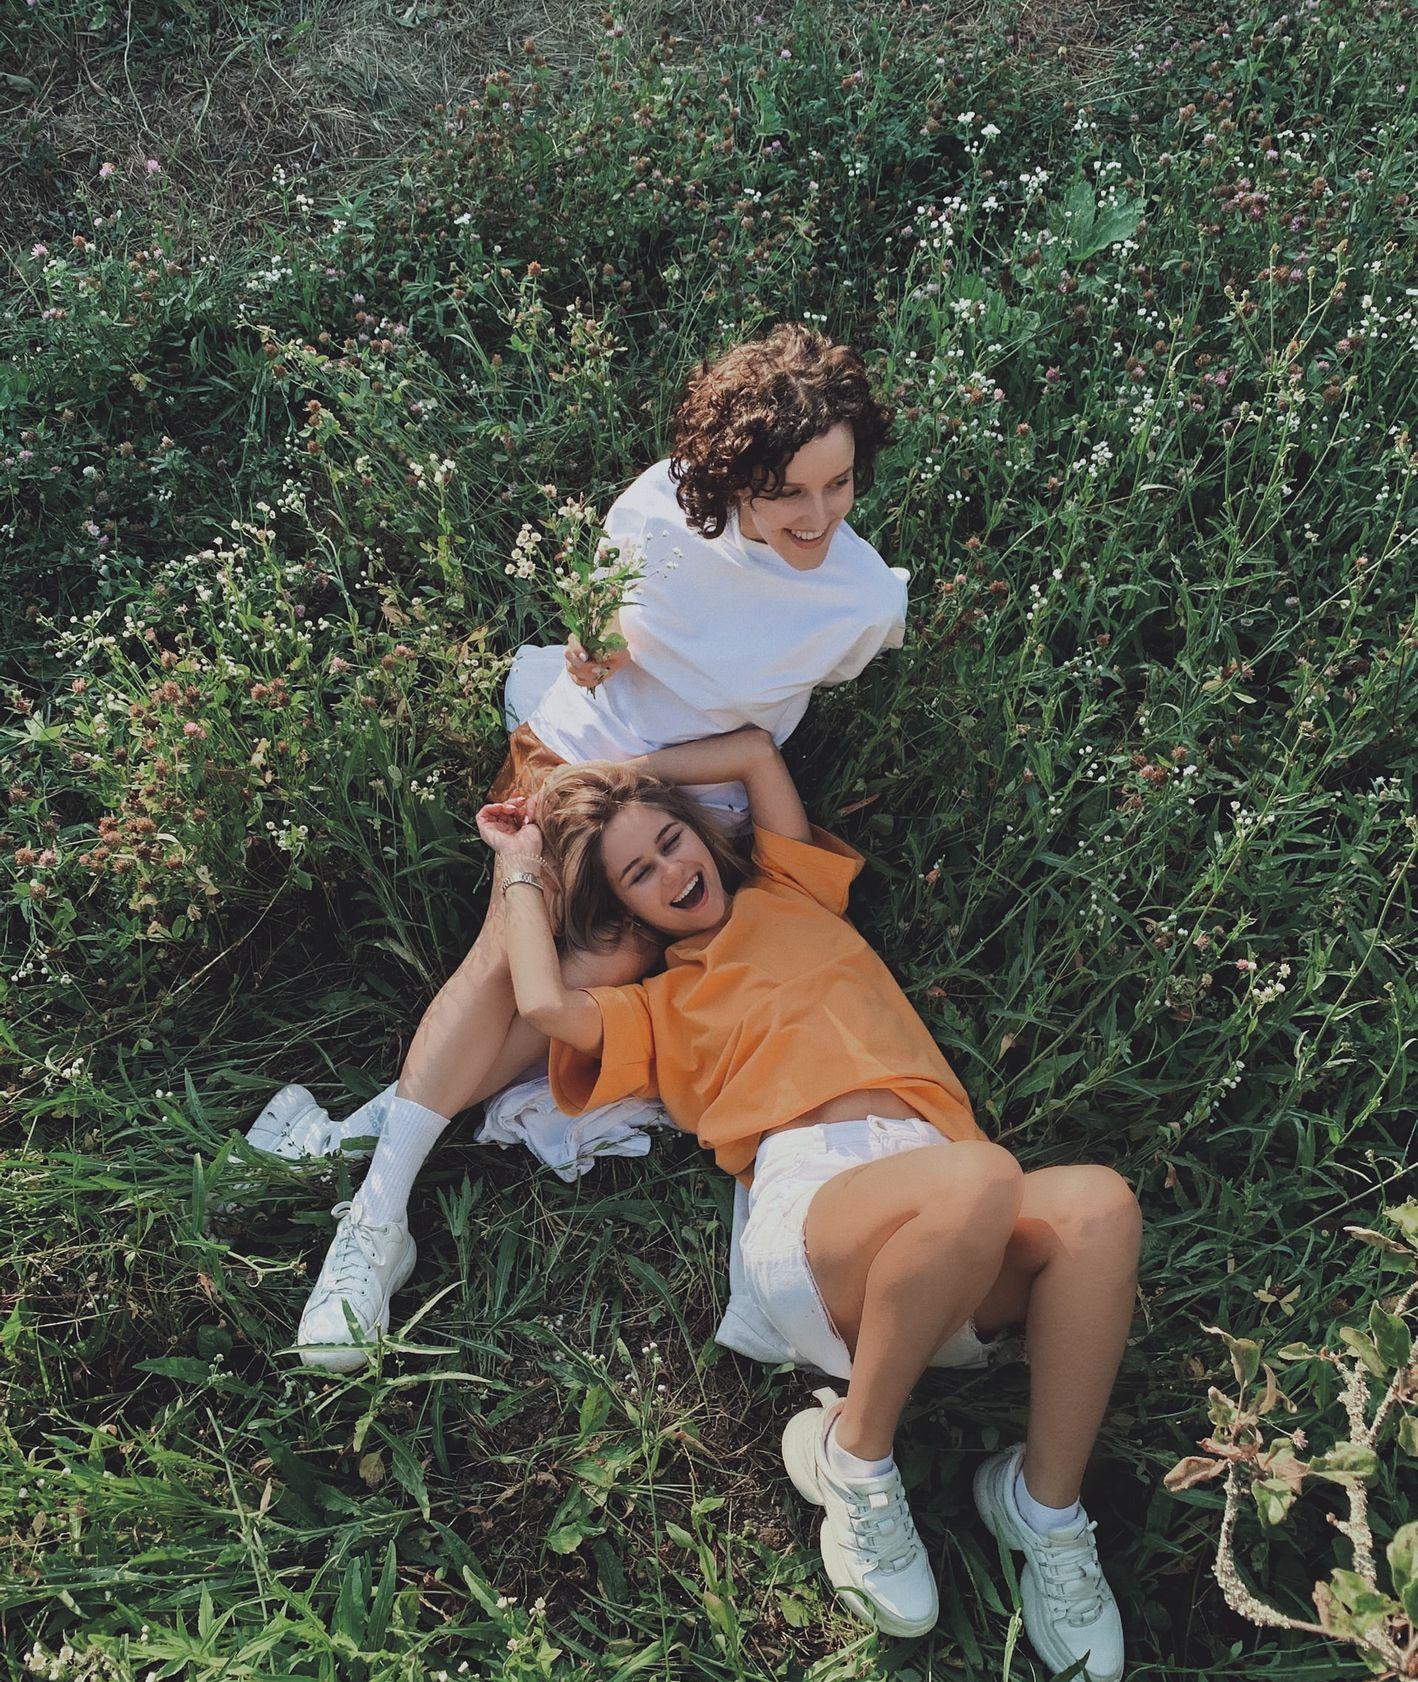 Przyjaciółki na łące (fot. Anastasiia Rozumna / unsplash.com)